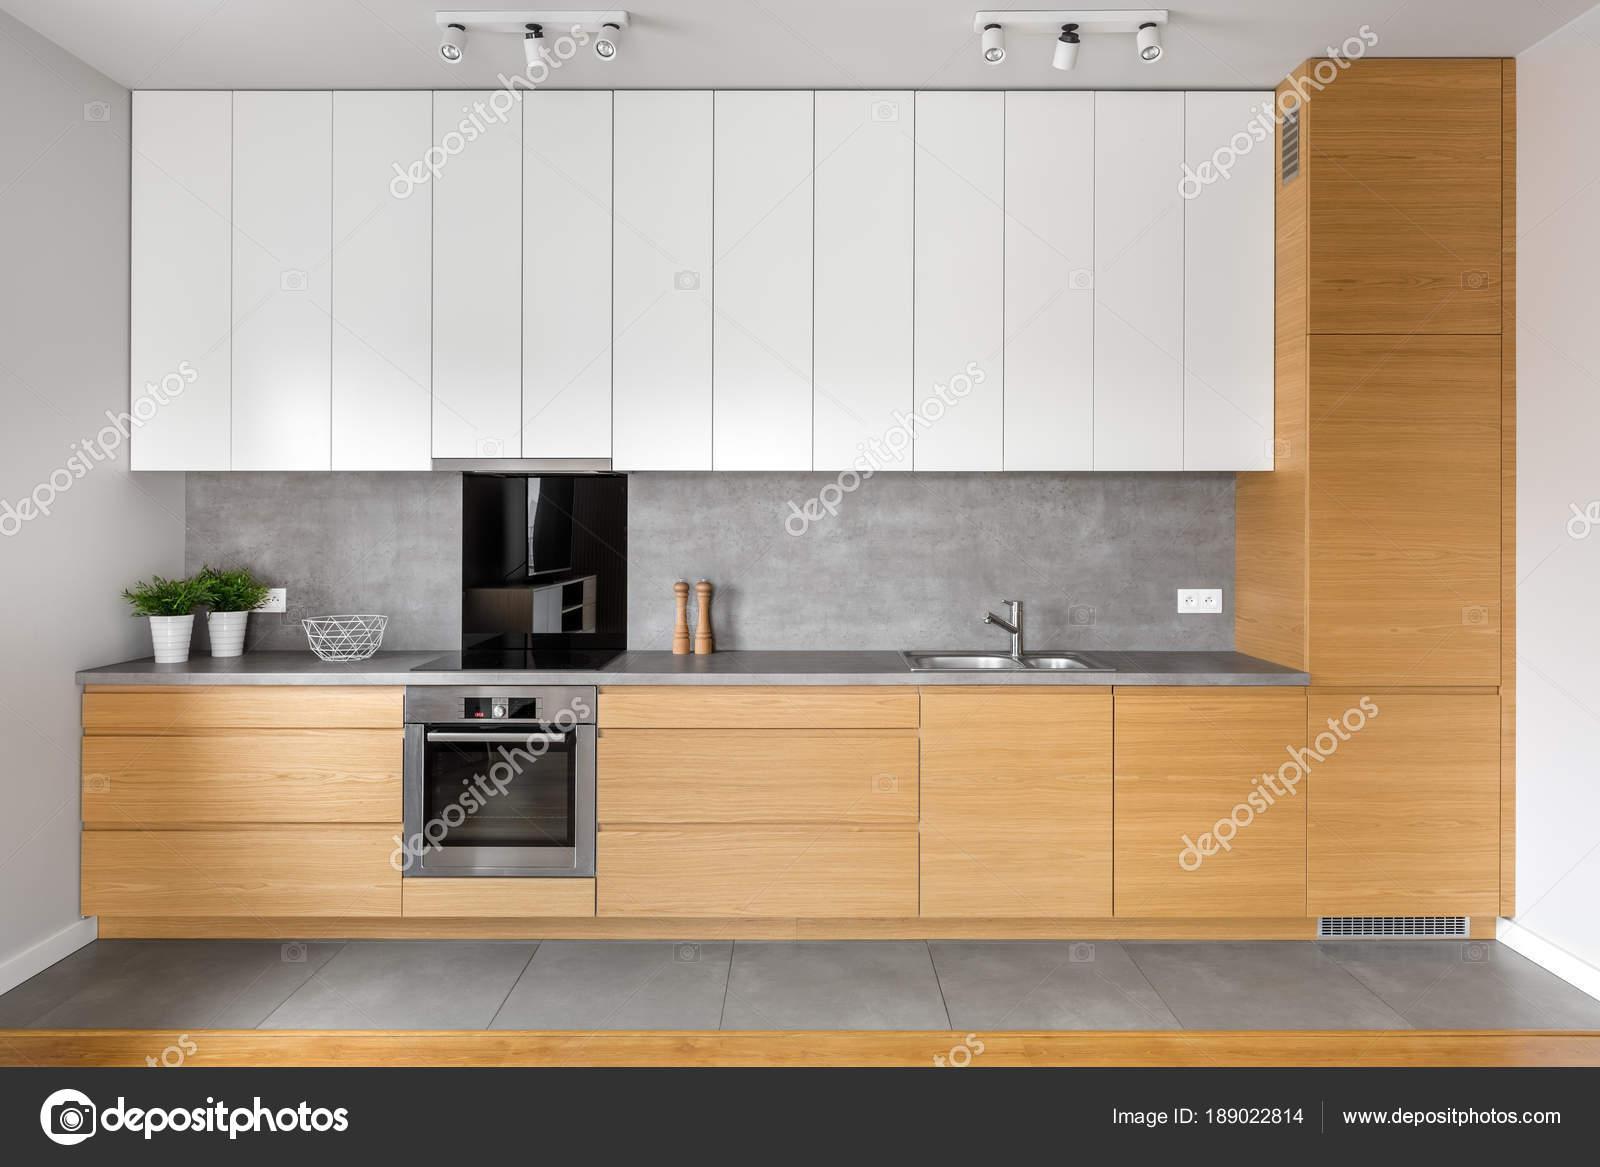 Keuken met grijze tegels u stockfoto in mal